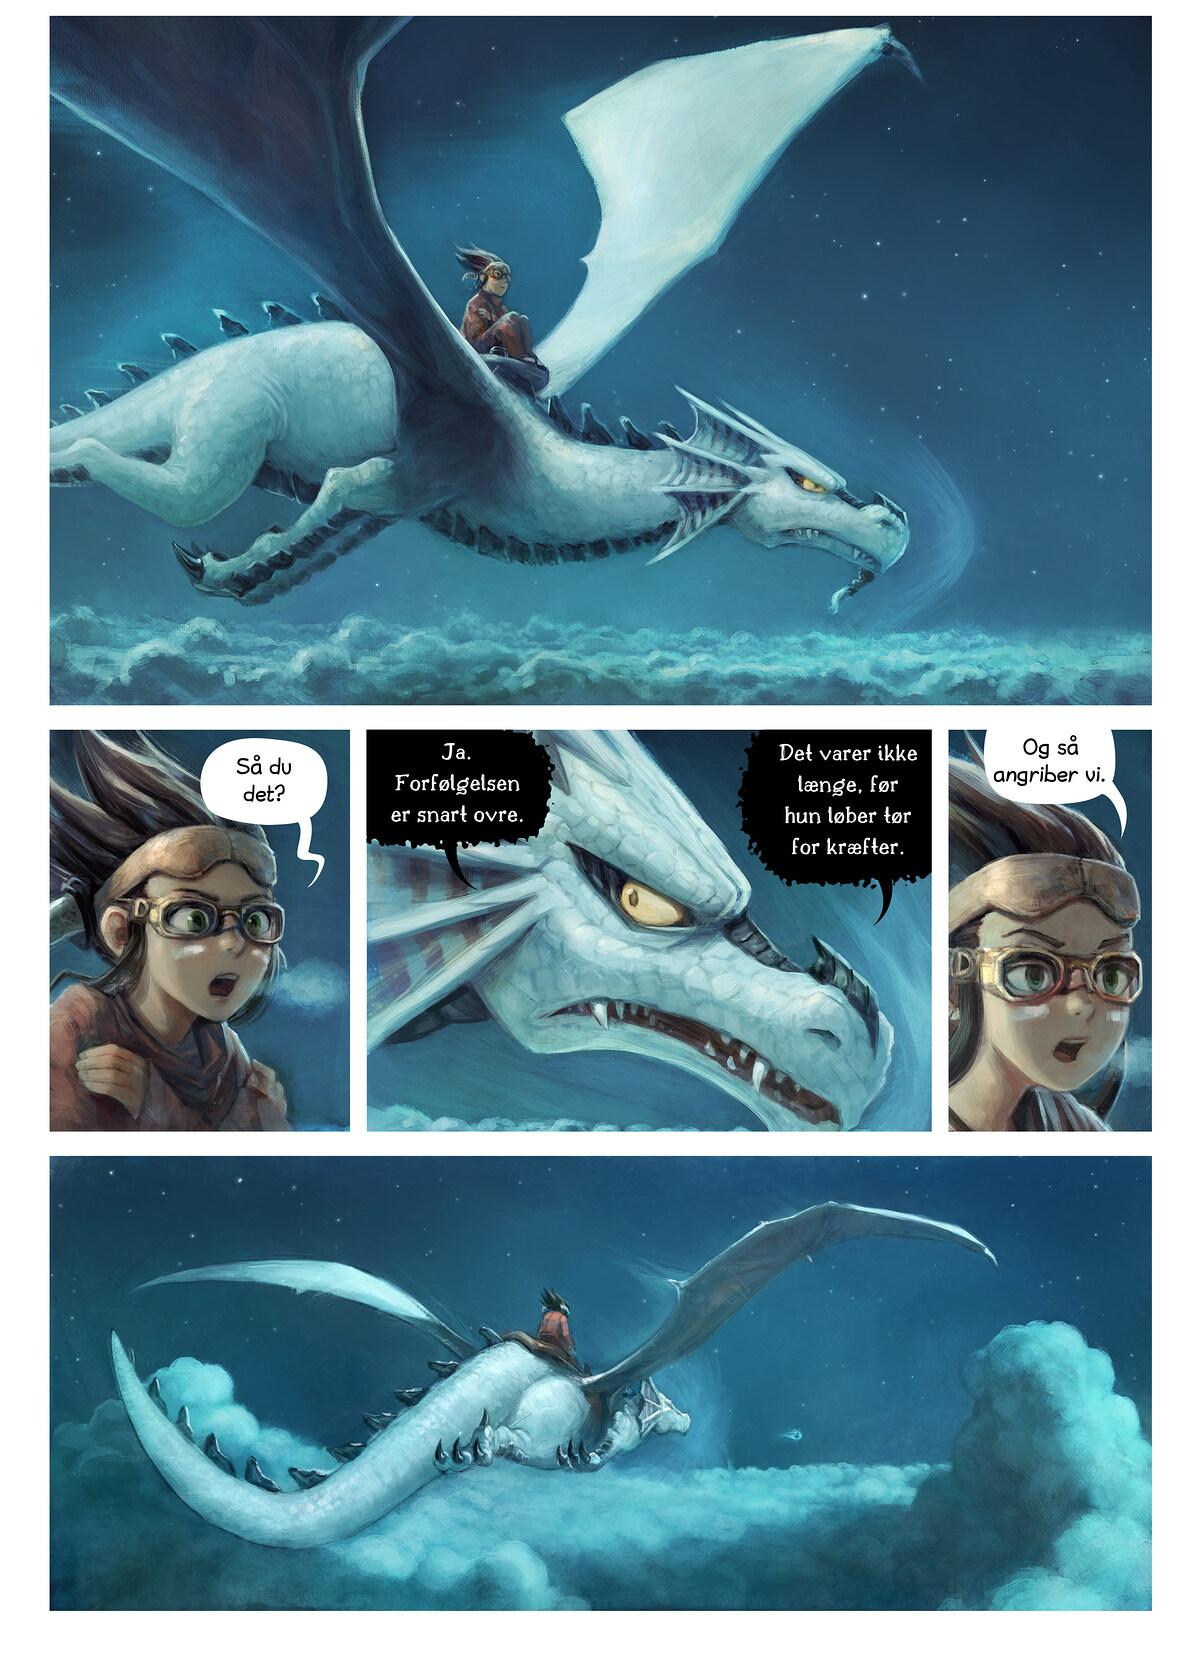 Episode 35: Spejlbilledet, Page 3